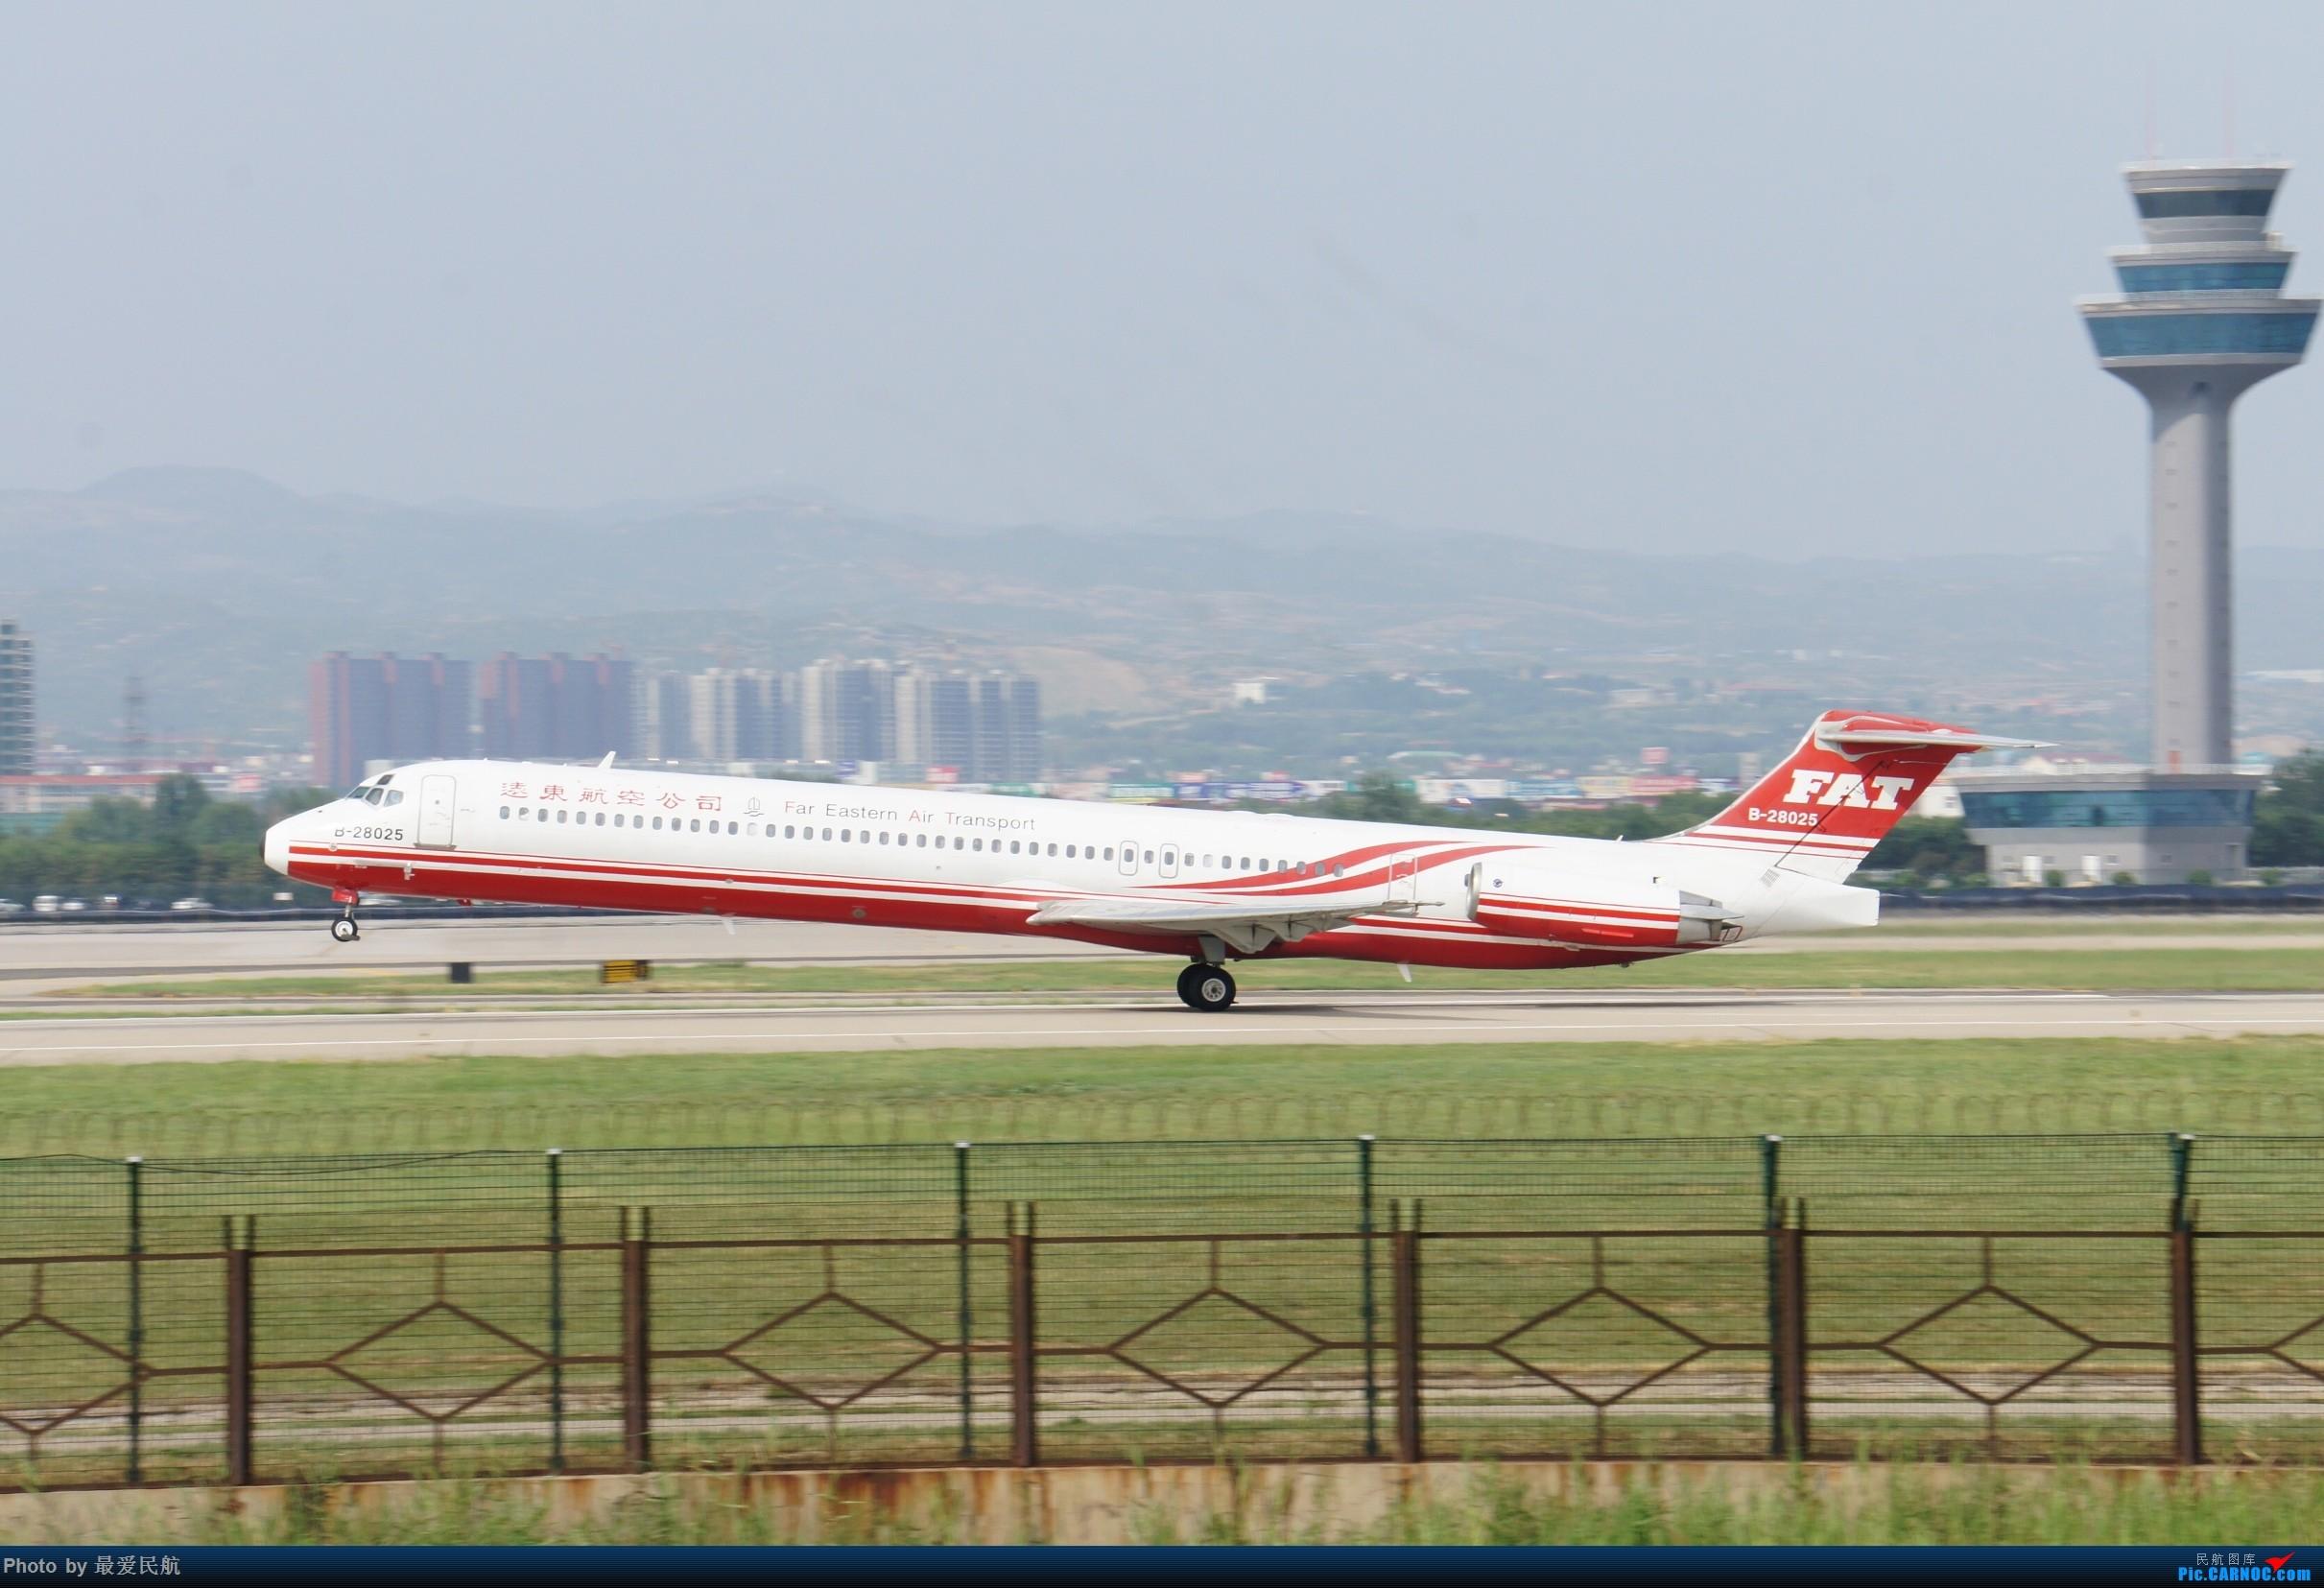 Re:[原创]太原武宿国际机场!端午节交作业 MD MD-80-83 B-28025 中国太原武宿国际机场